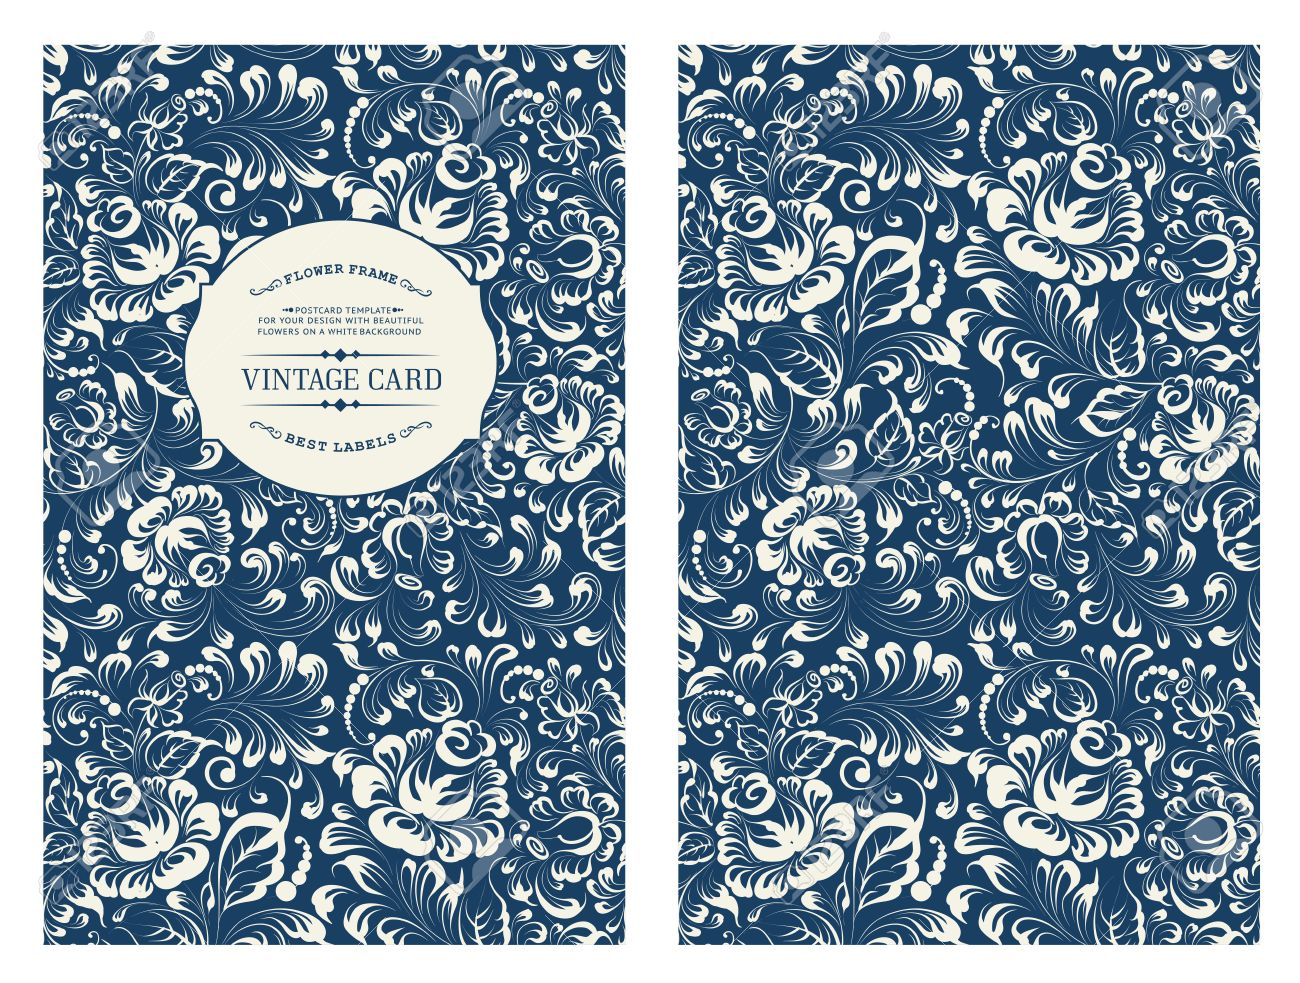 Conception Pour Vous Couverture Personnelle Rose Fleurs Theme Floral Pour La Couverture Du Livre Ornement De Seamless Floral Dans Le Style Gzhel